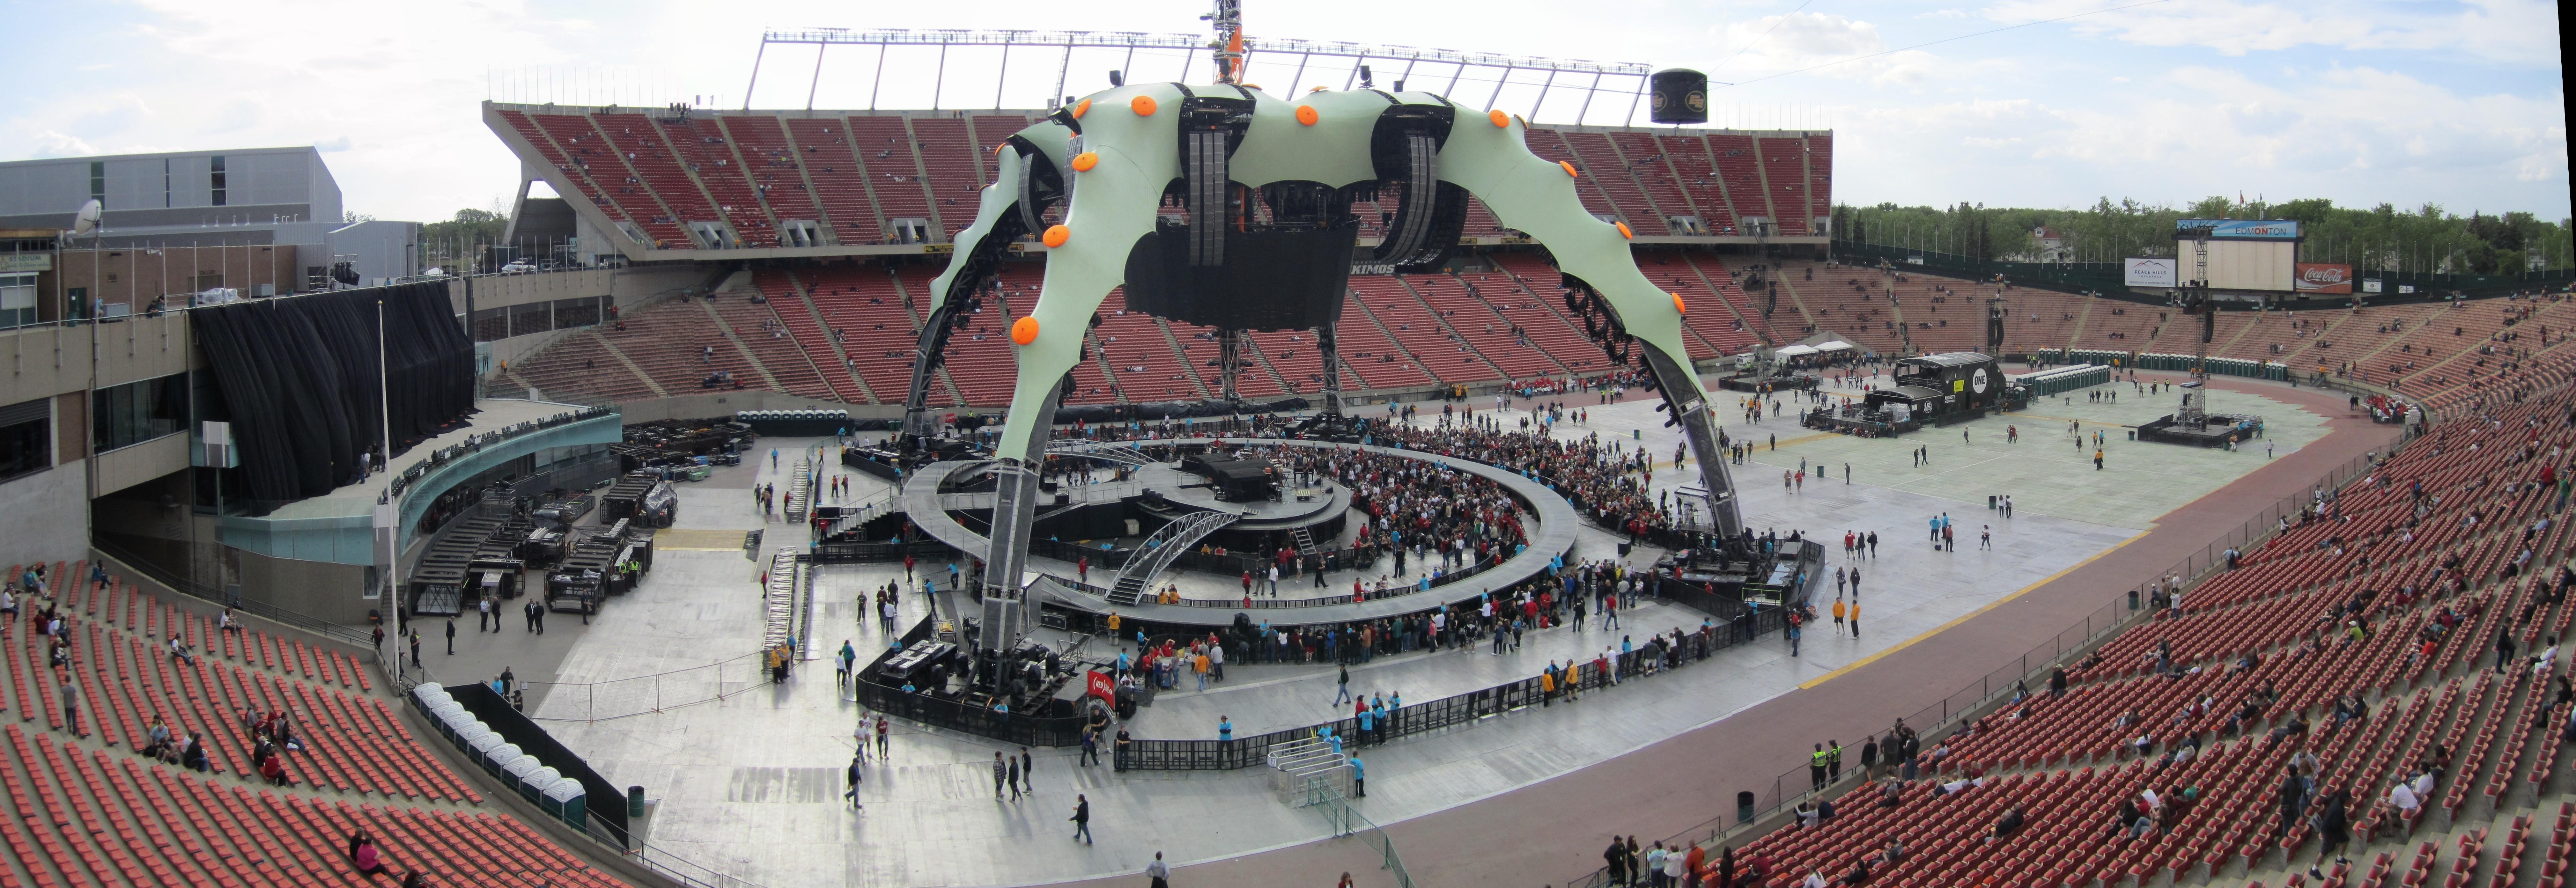 U2 - 360 Tour - Playlist - YouTube